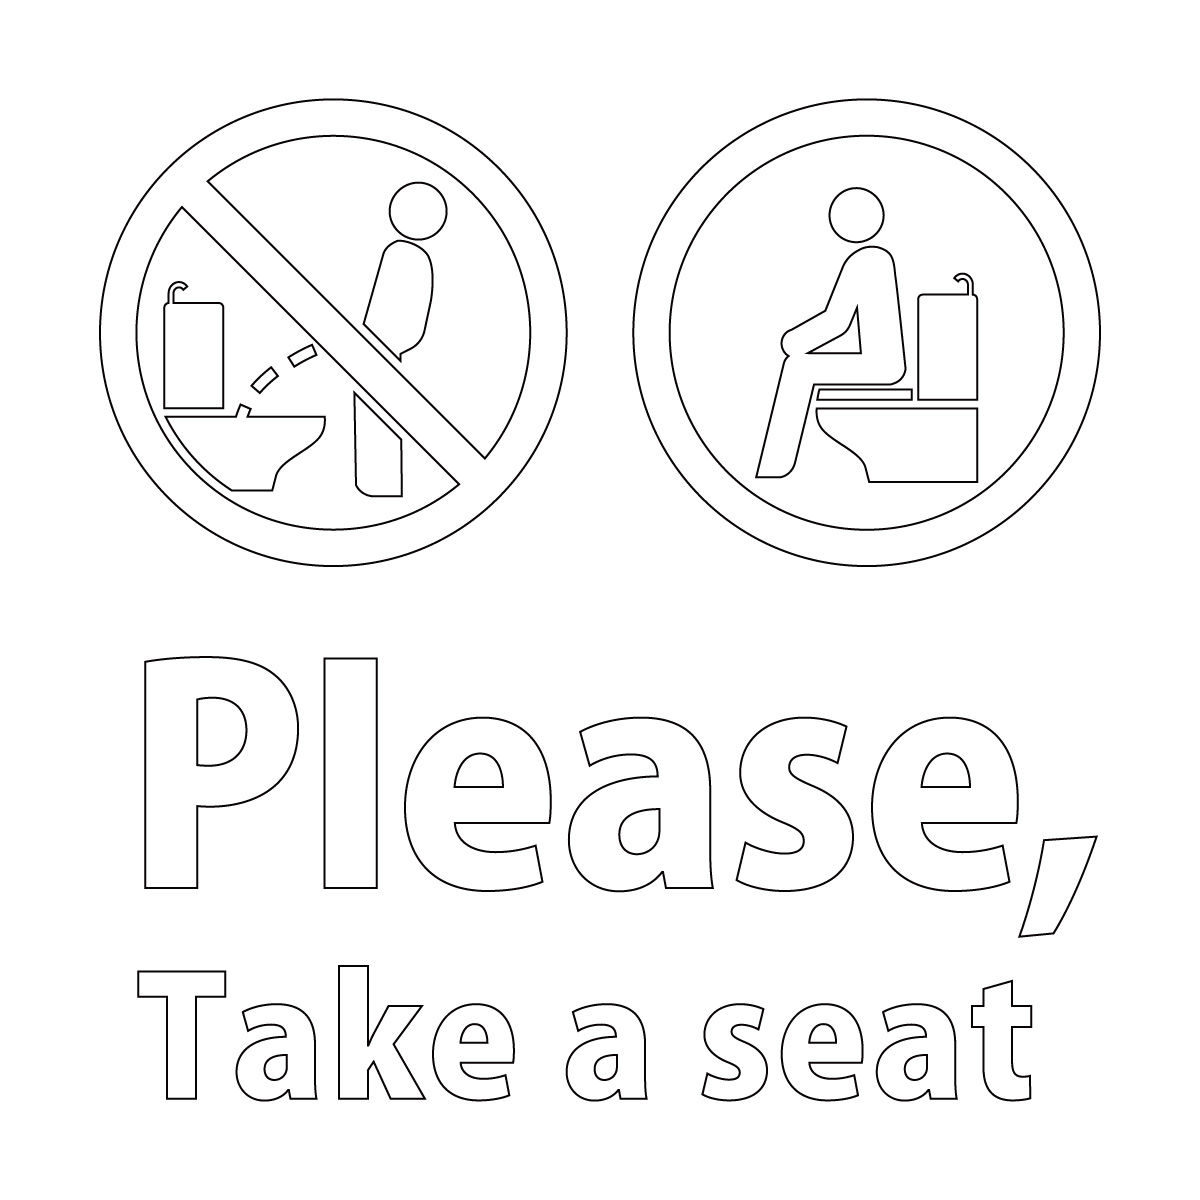 白色の英語 Please, Take a seat(洋式トイレに座って使用のお願い)カッティングステッカー・シール